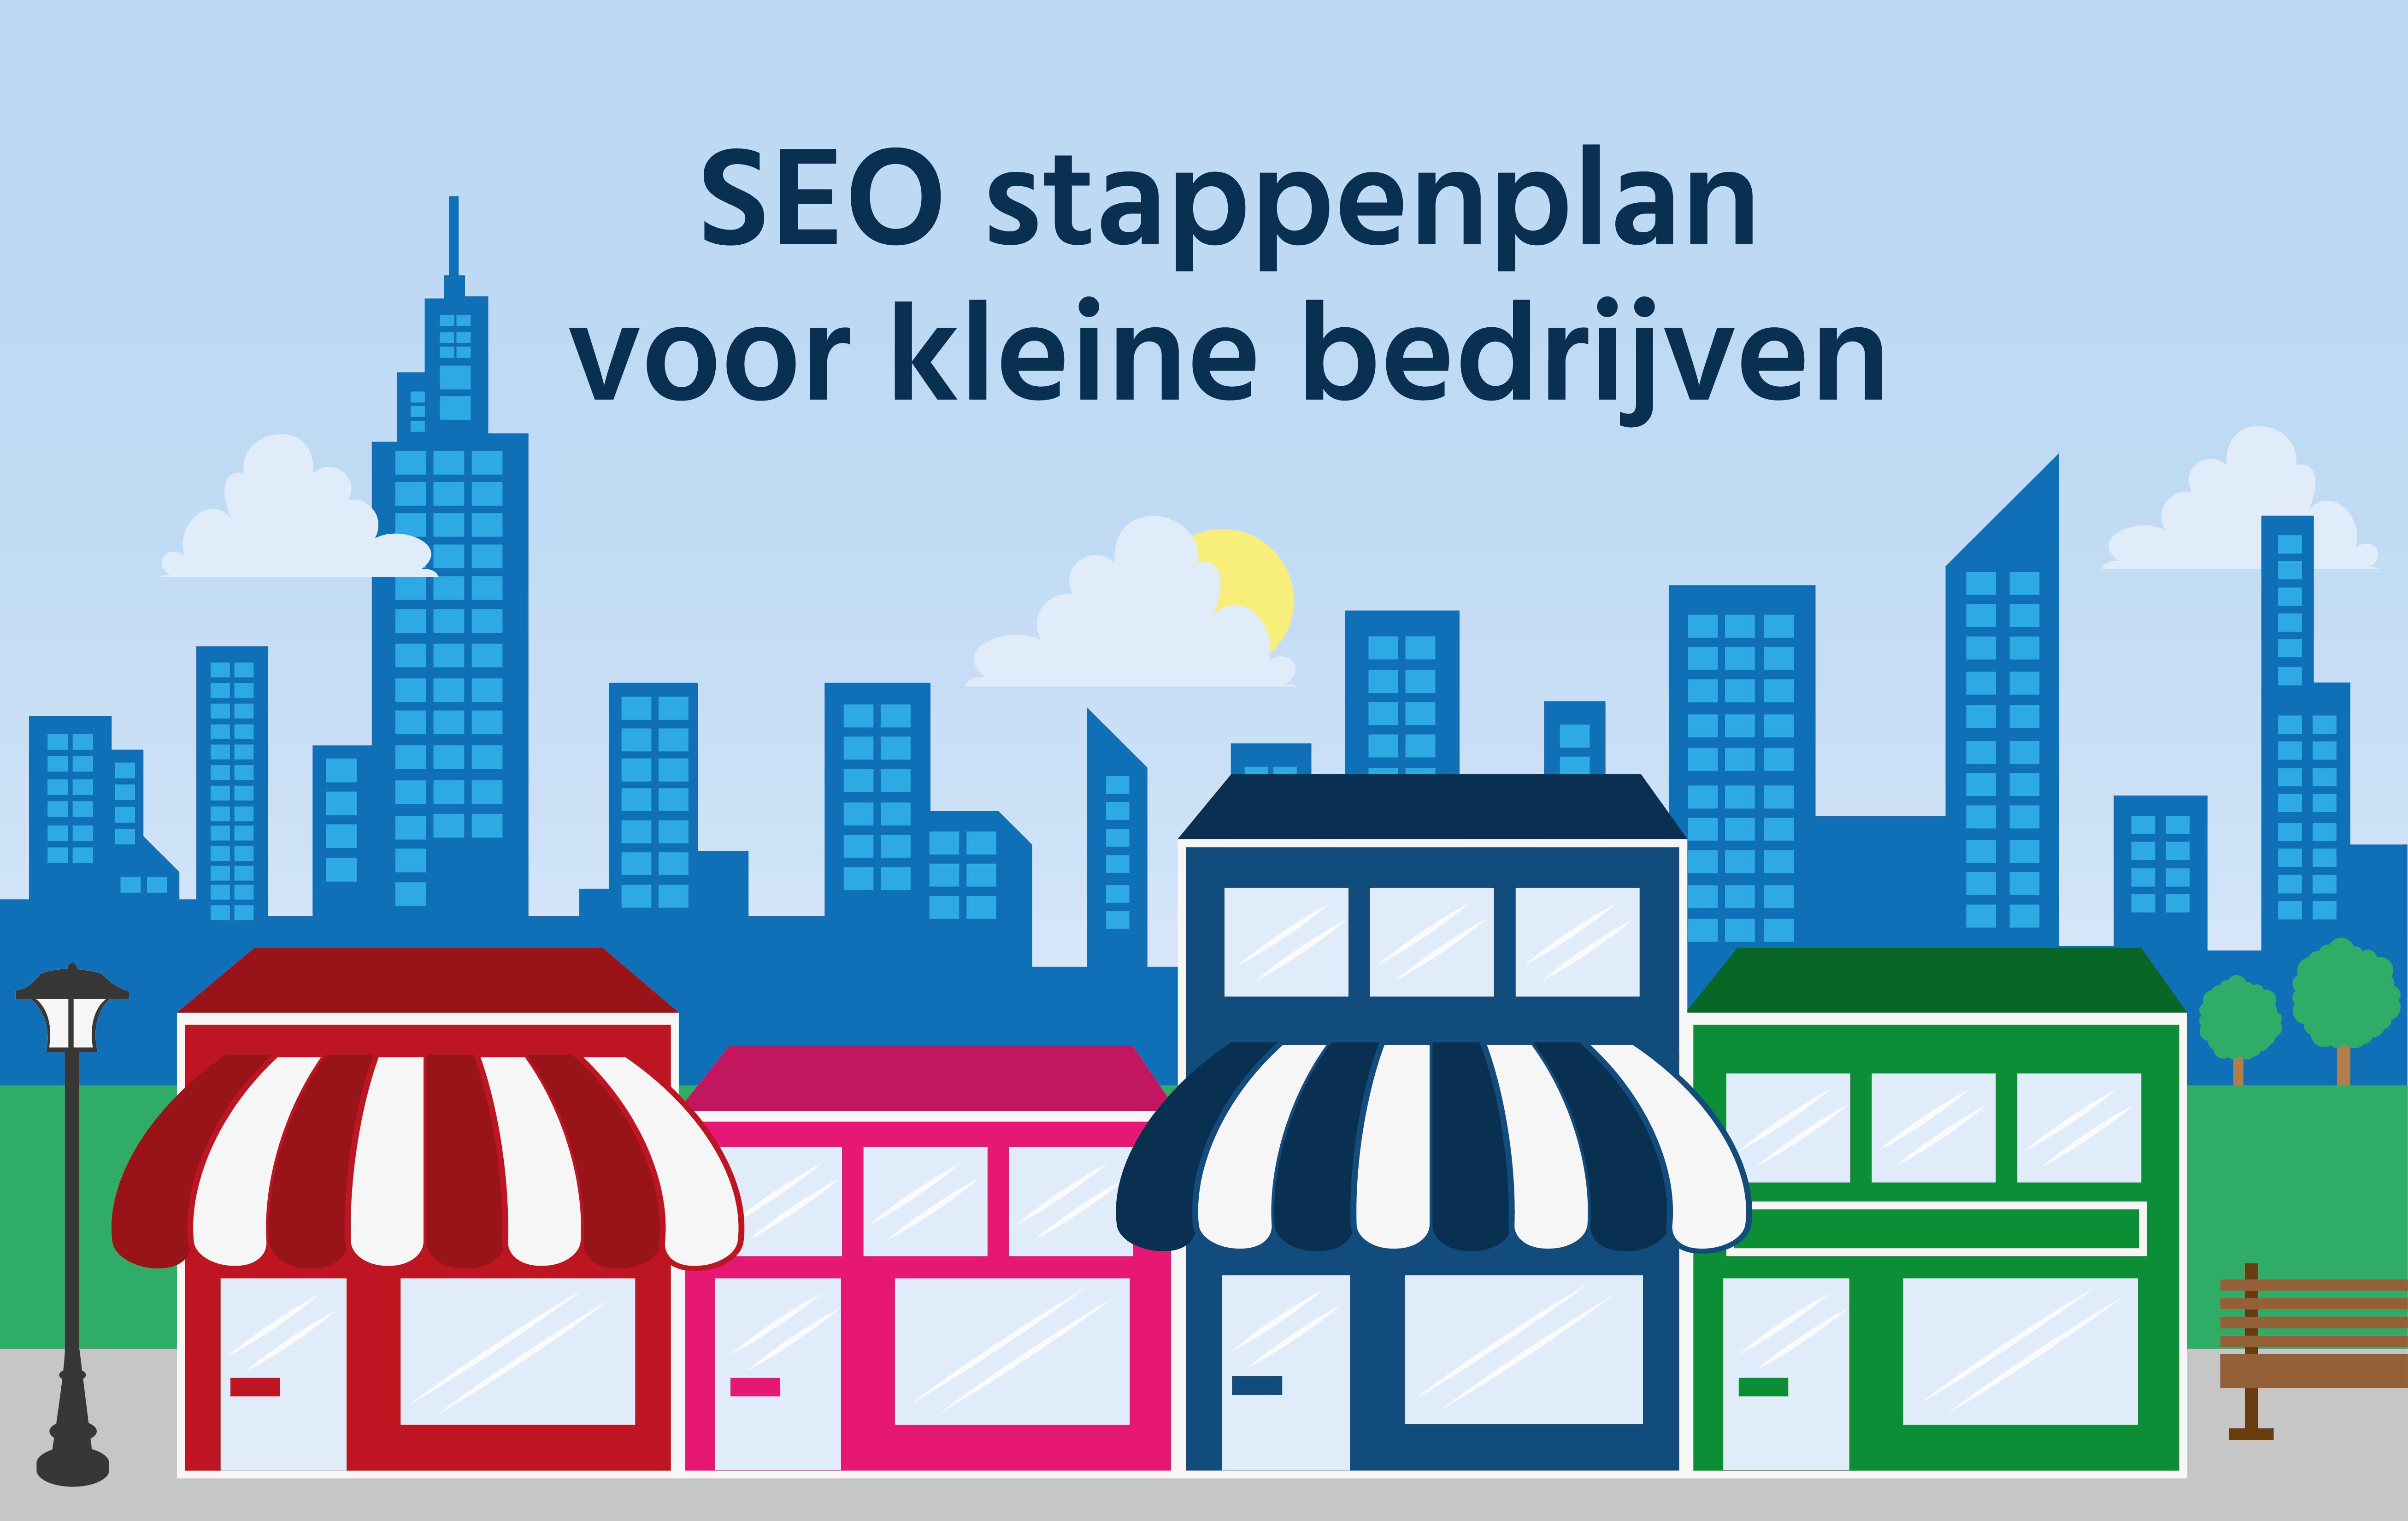 SEO stappenplan voor kleine bedrijven-01